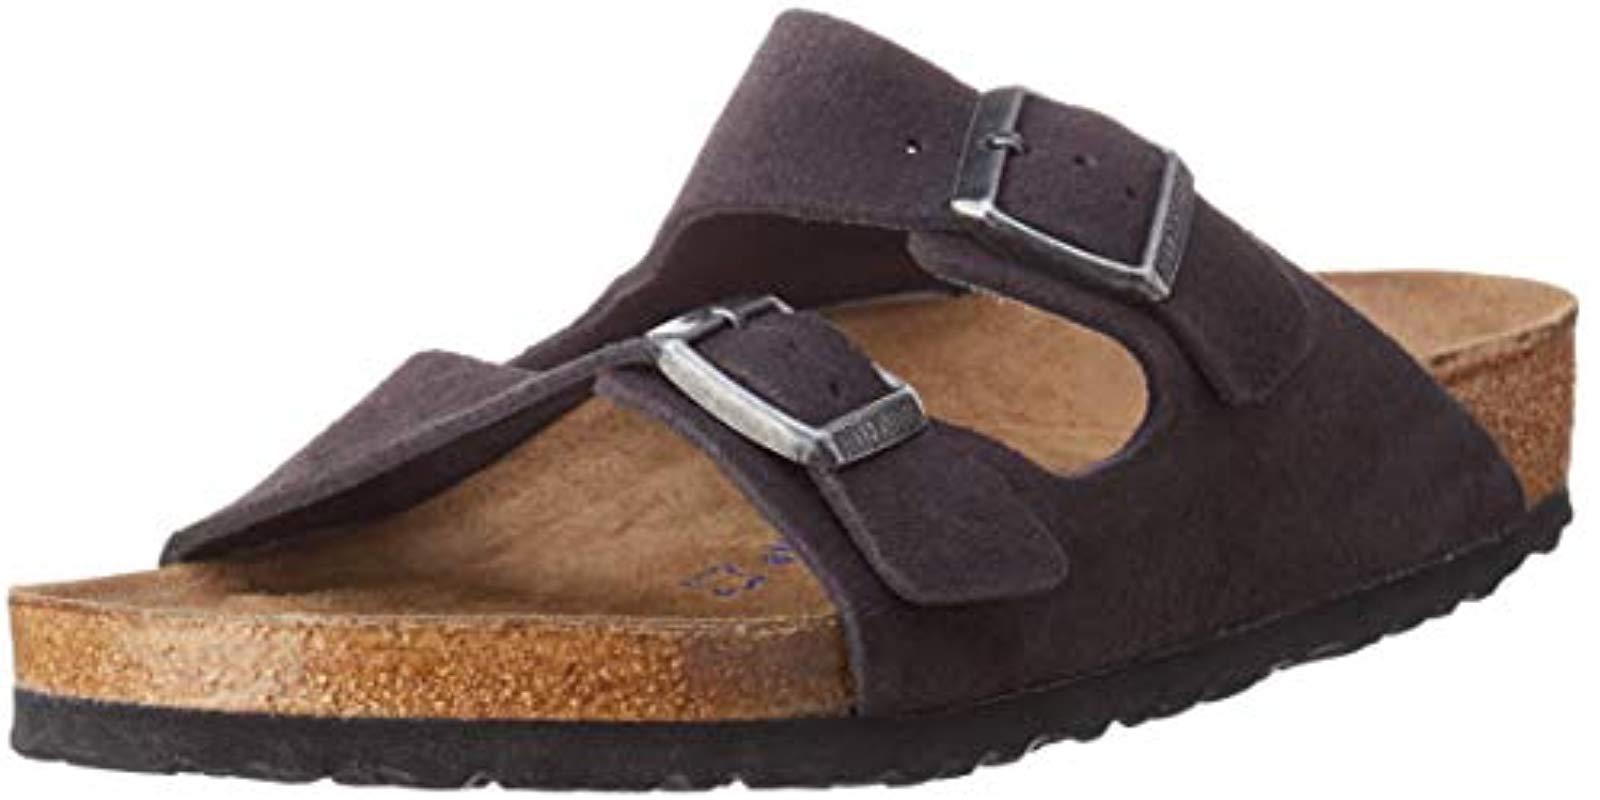 3671a22eef Birkenstock Arizona Sfb Open Toe Sandals in Gray for Men - Save 5 ...